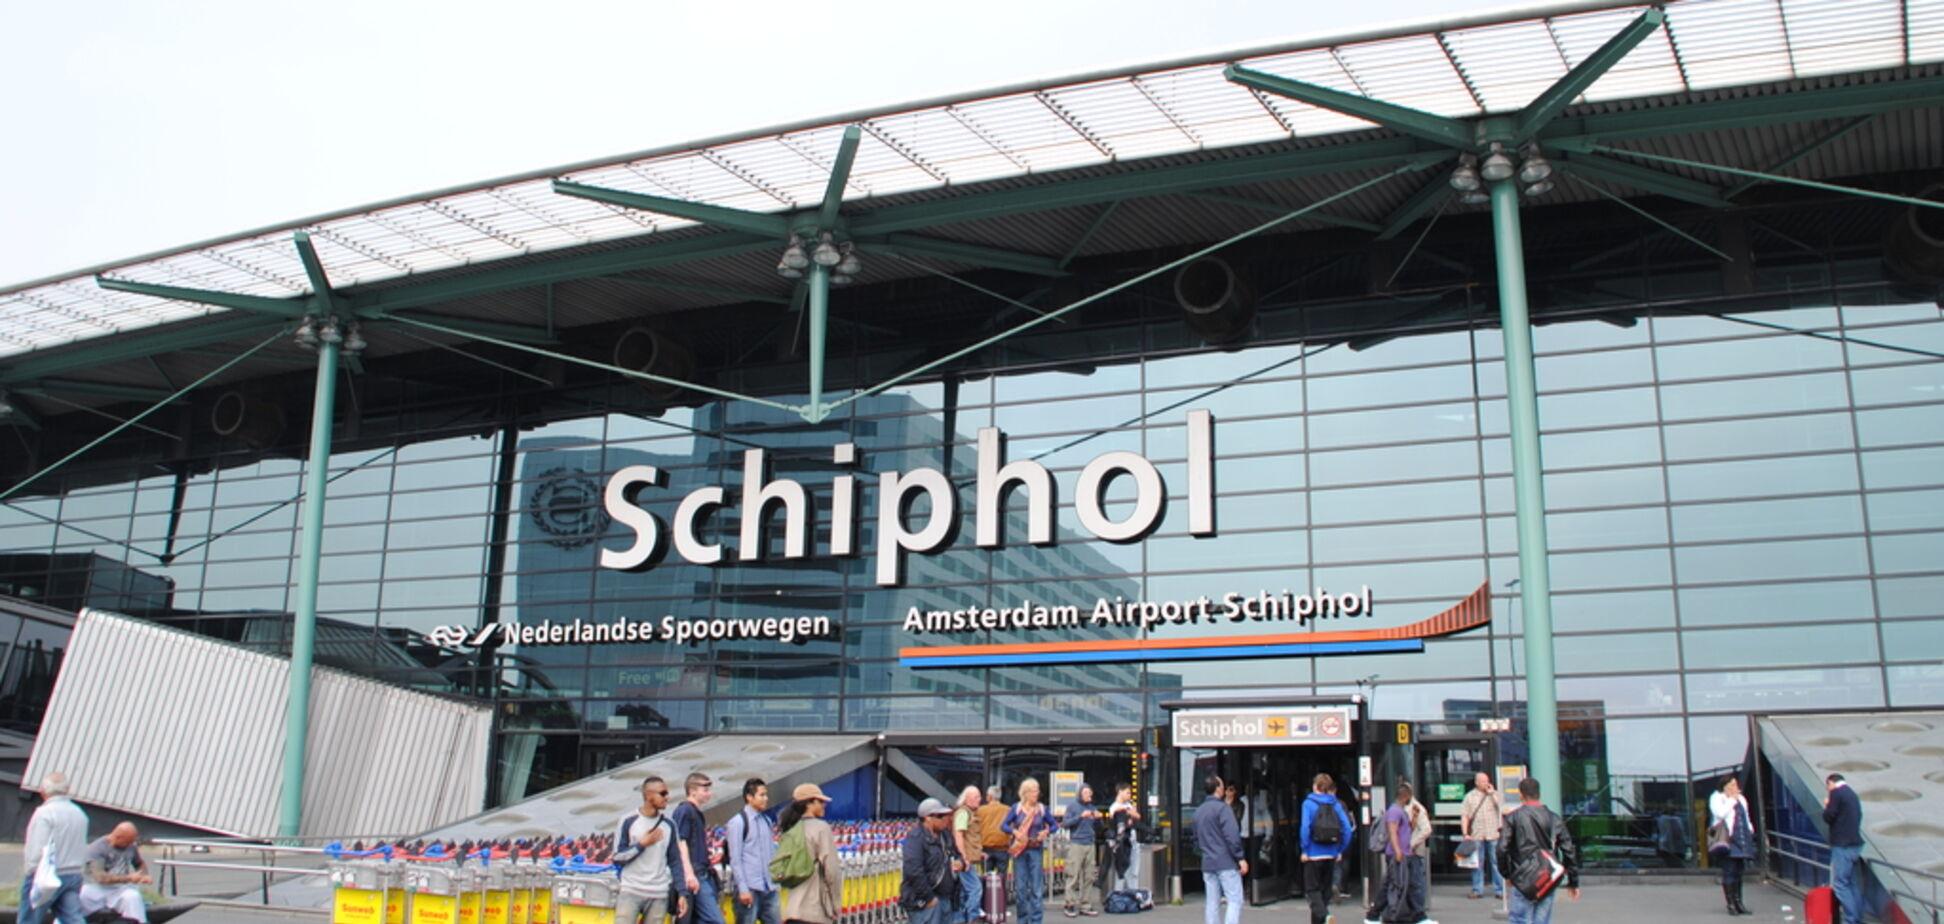 В аэропорту Амстердама украинца задержали за издевательства над дочкой